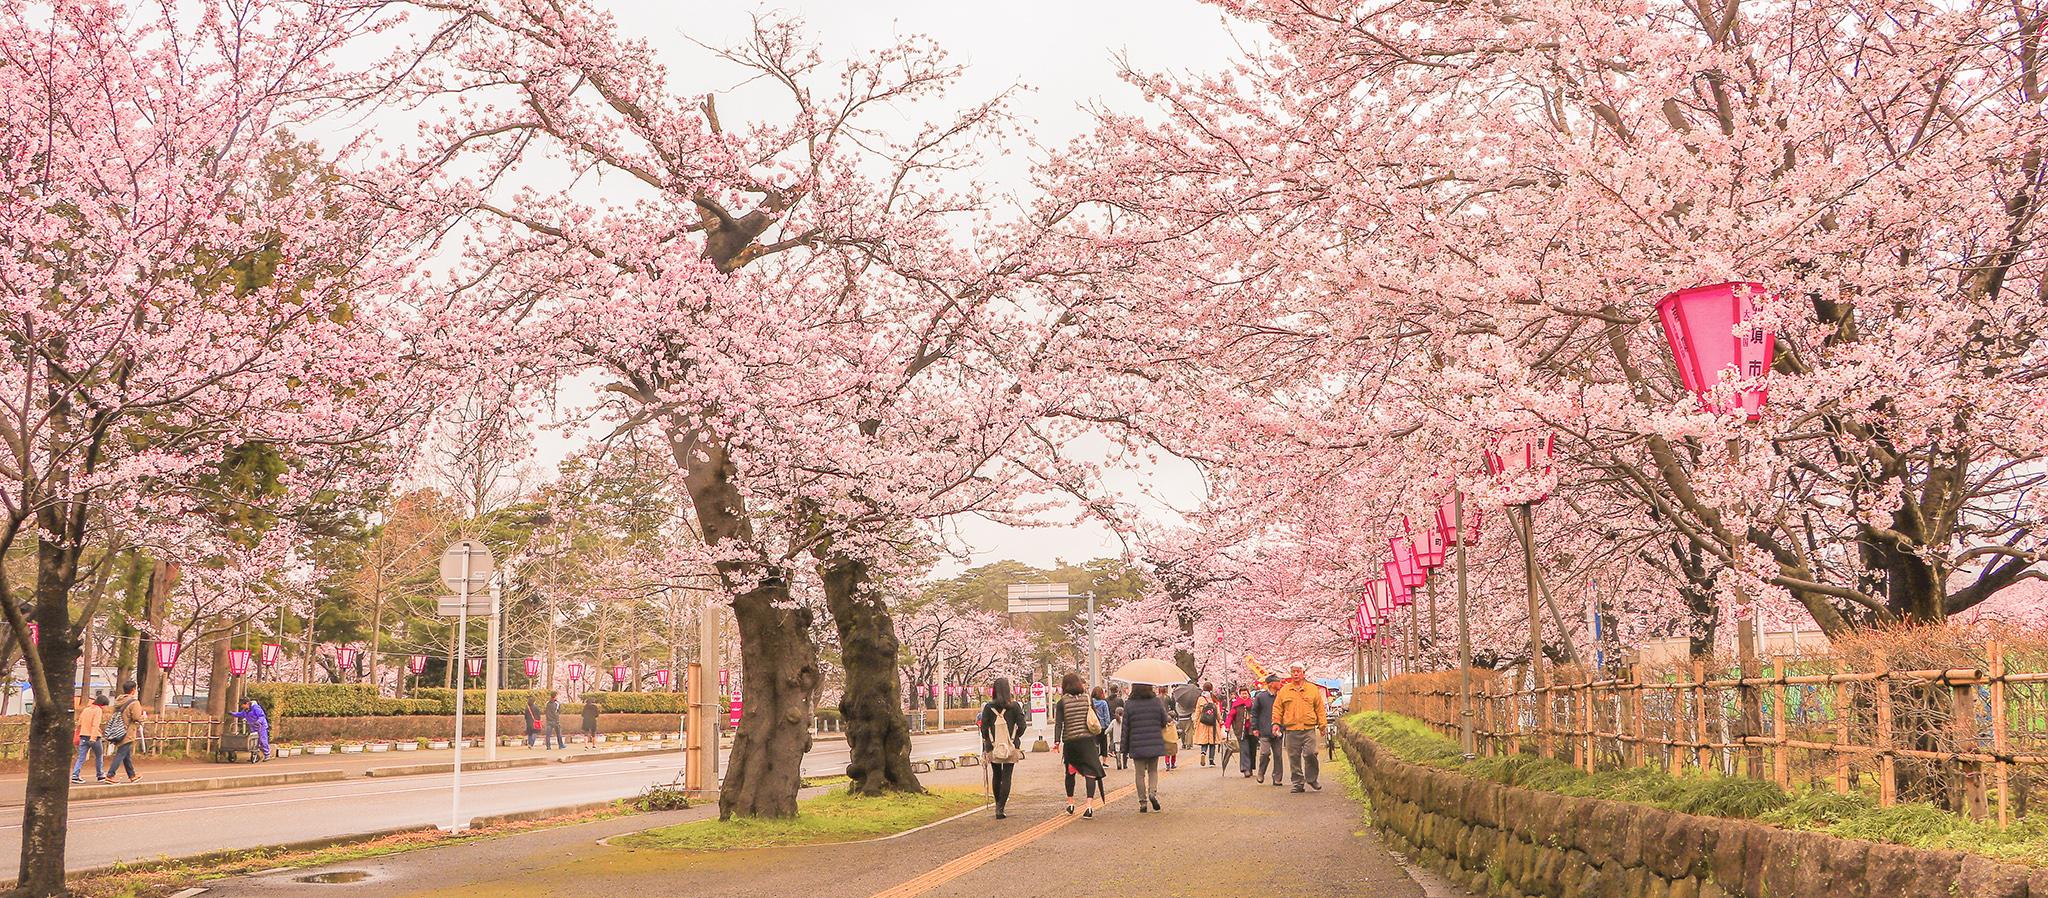 日本新潟 日本北陸「新潟」賞櫻景點 10 選:城堡、公園、櫻花,日夜皆美!